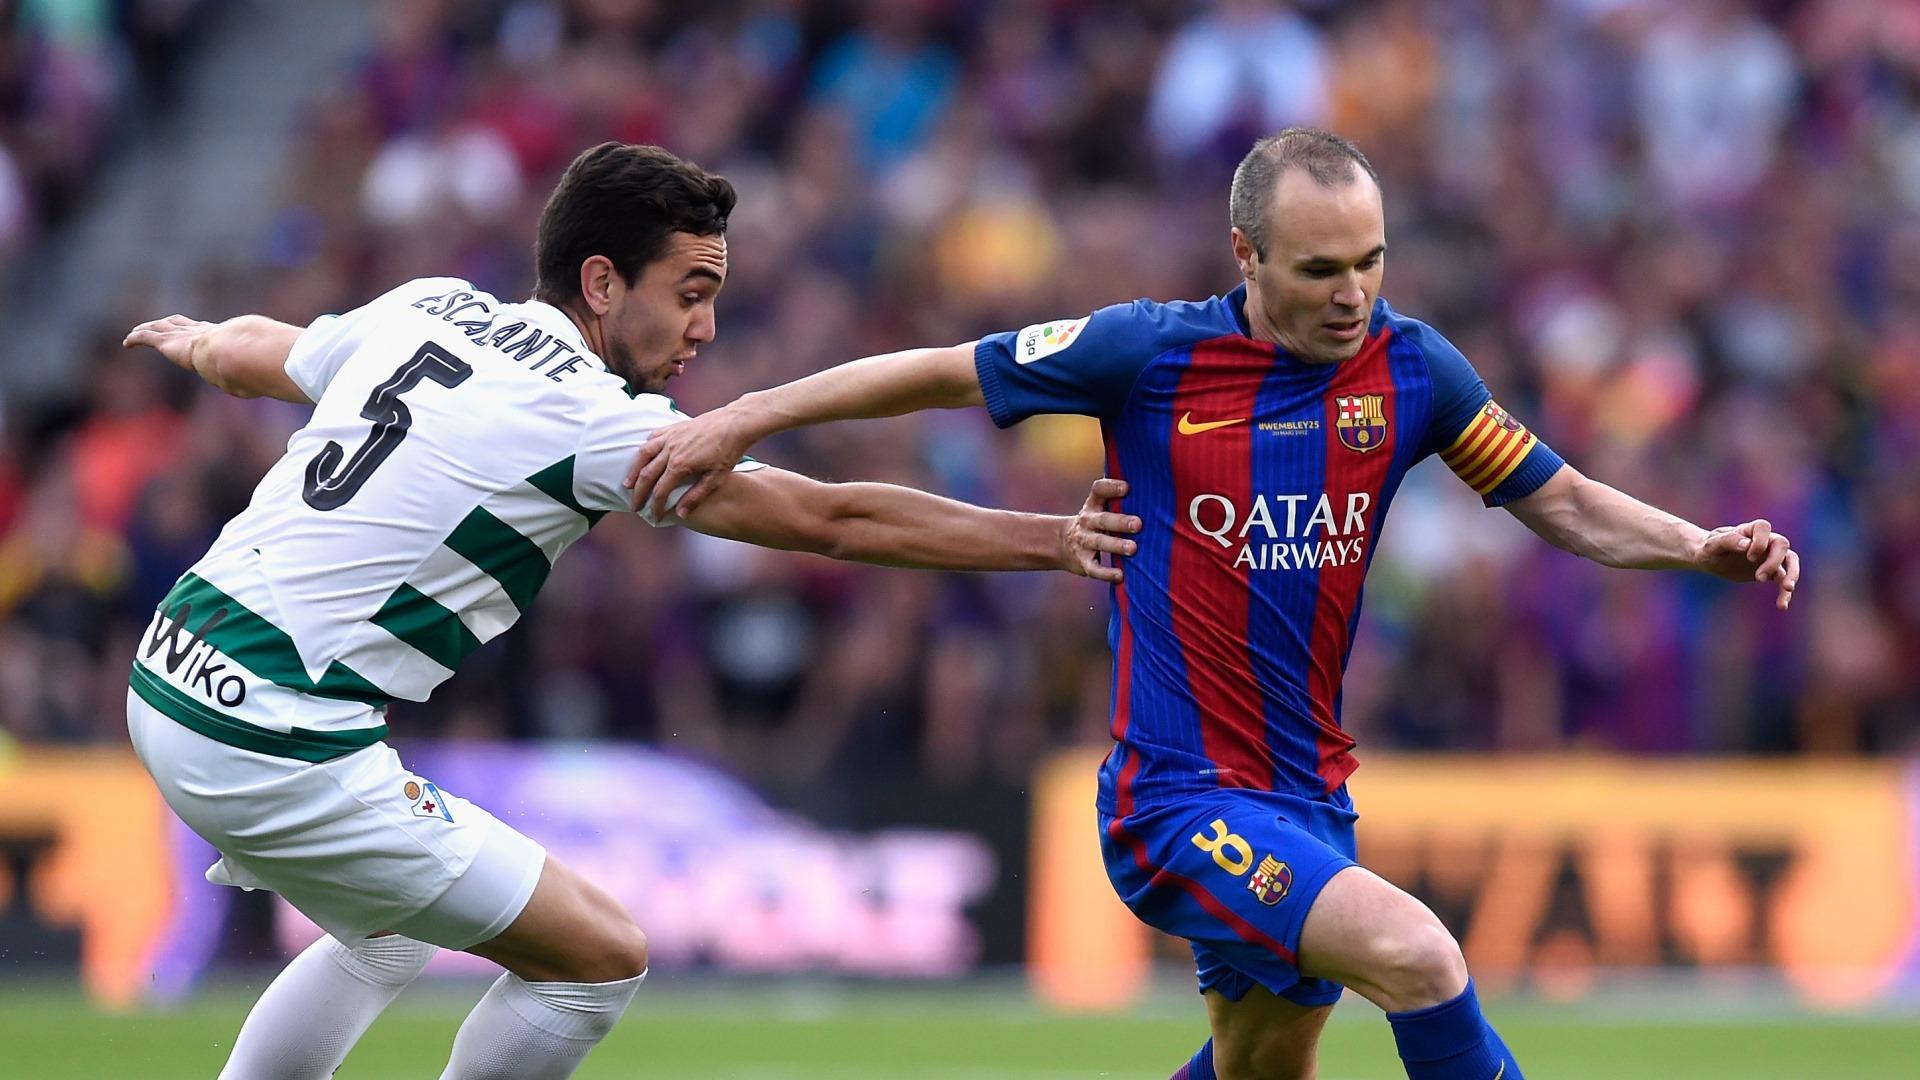 Andres Iniesta Gonzalo Escalante Barcelona Eibar LaLiga 21052017